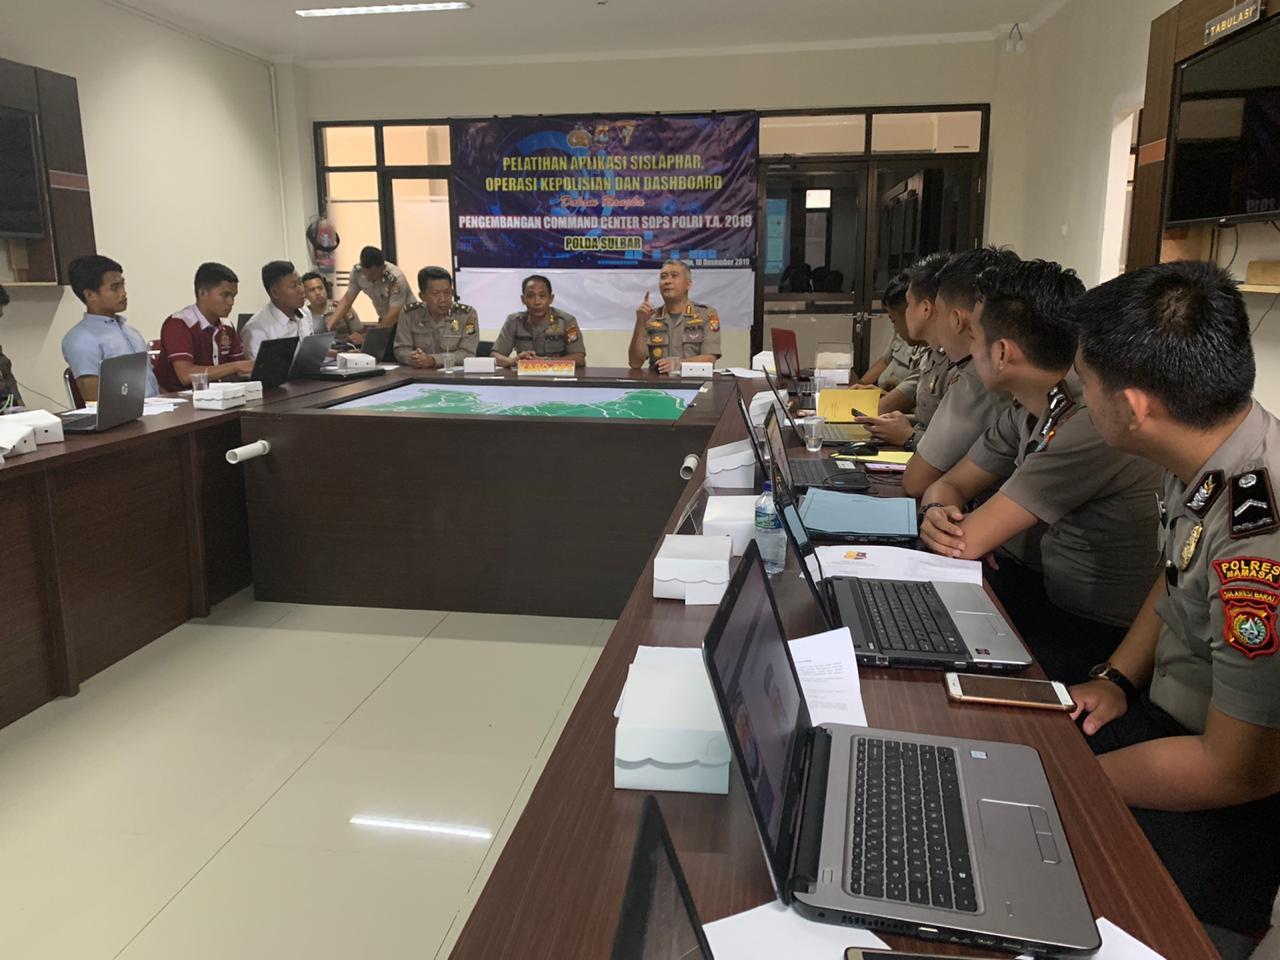 Gambar Kembangkan Command Center SOP Polri, Polda Gelar Pelatihan